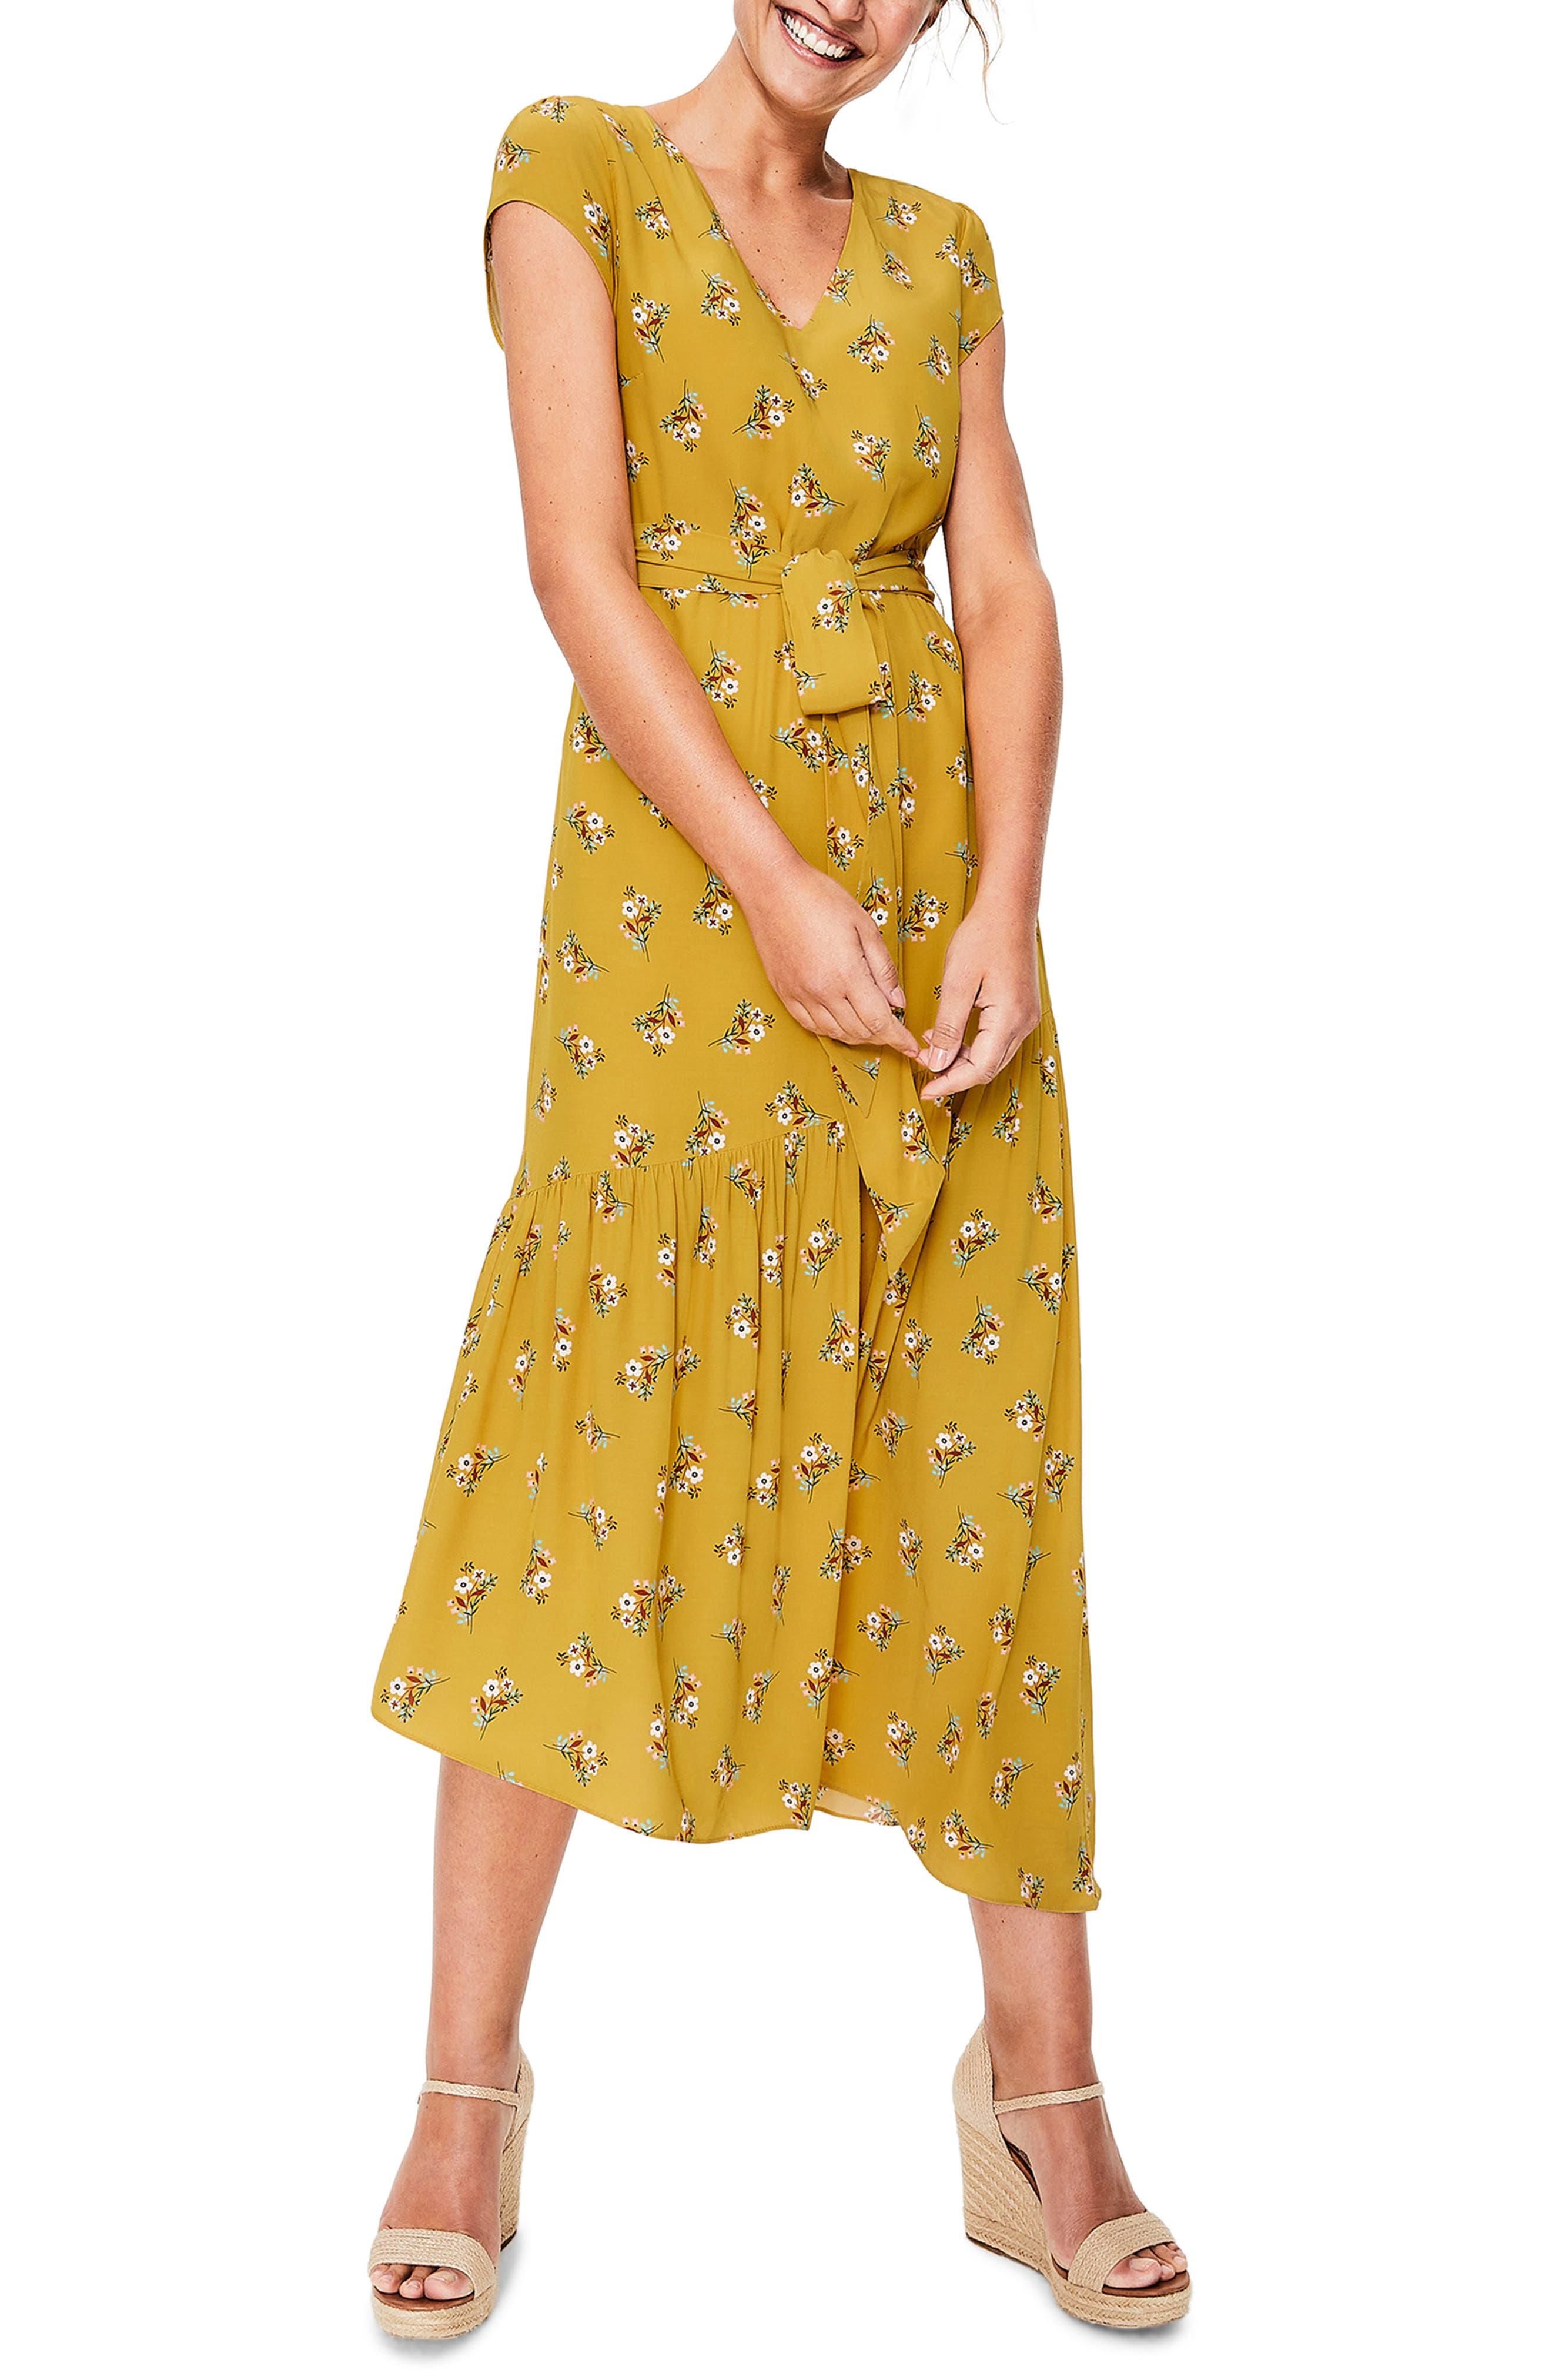 Petite Boden Amy Asymmetrical Midi Dress, Yellow